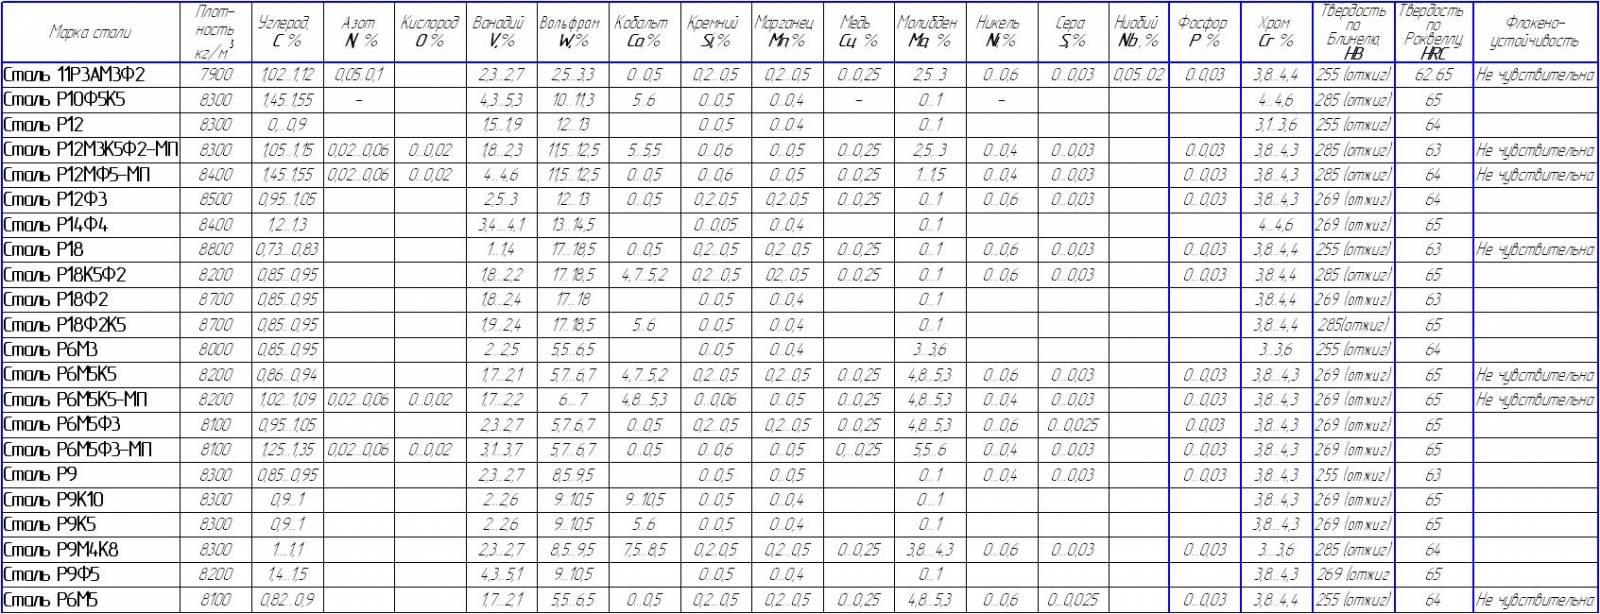 недавно расшифровка сплавов металлов справочник расписание устарело Доходы